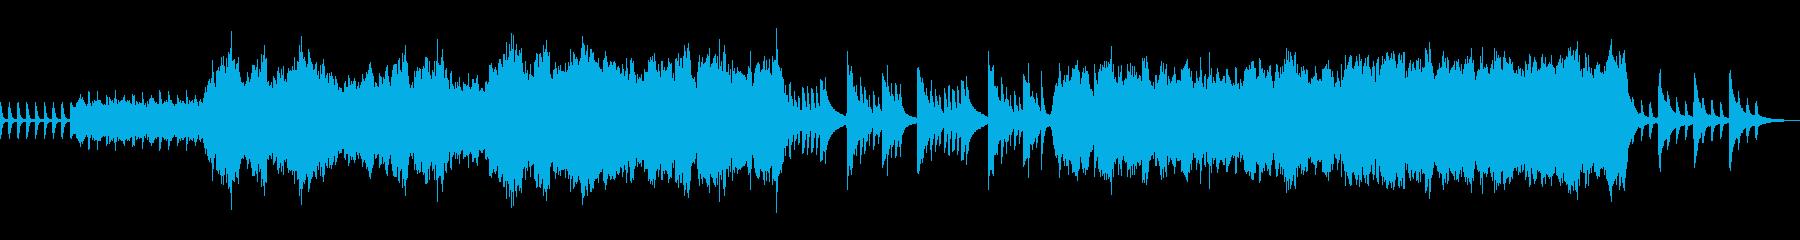 ピアノメロディー。クレッシェンド。の再生済みの波形